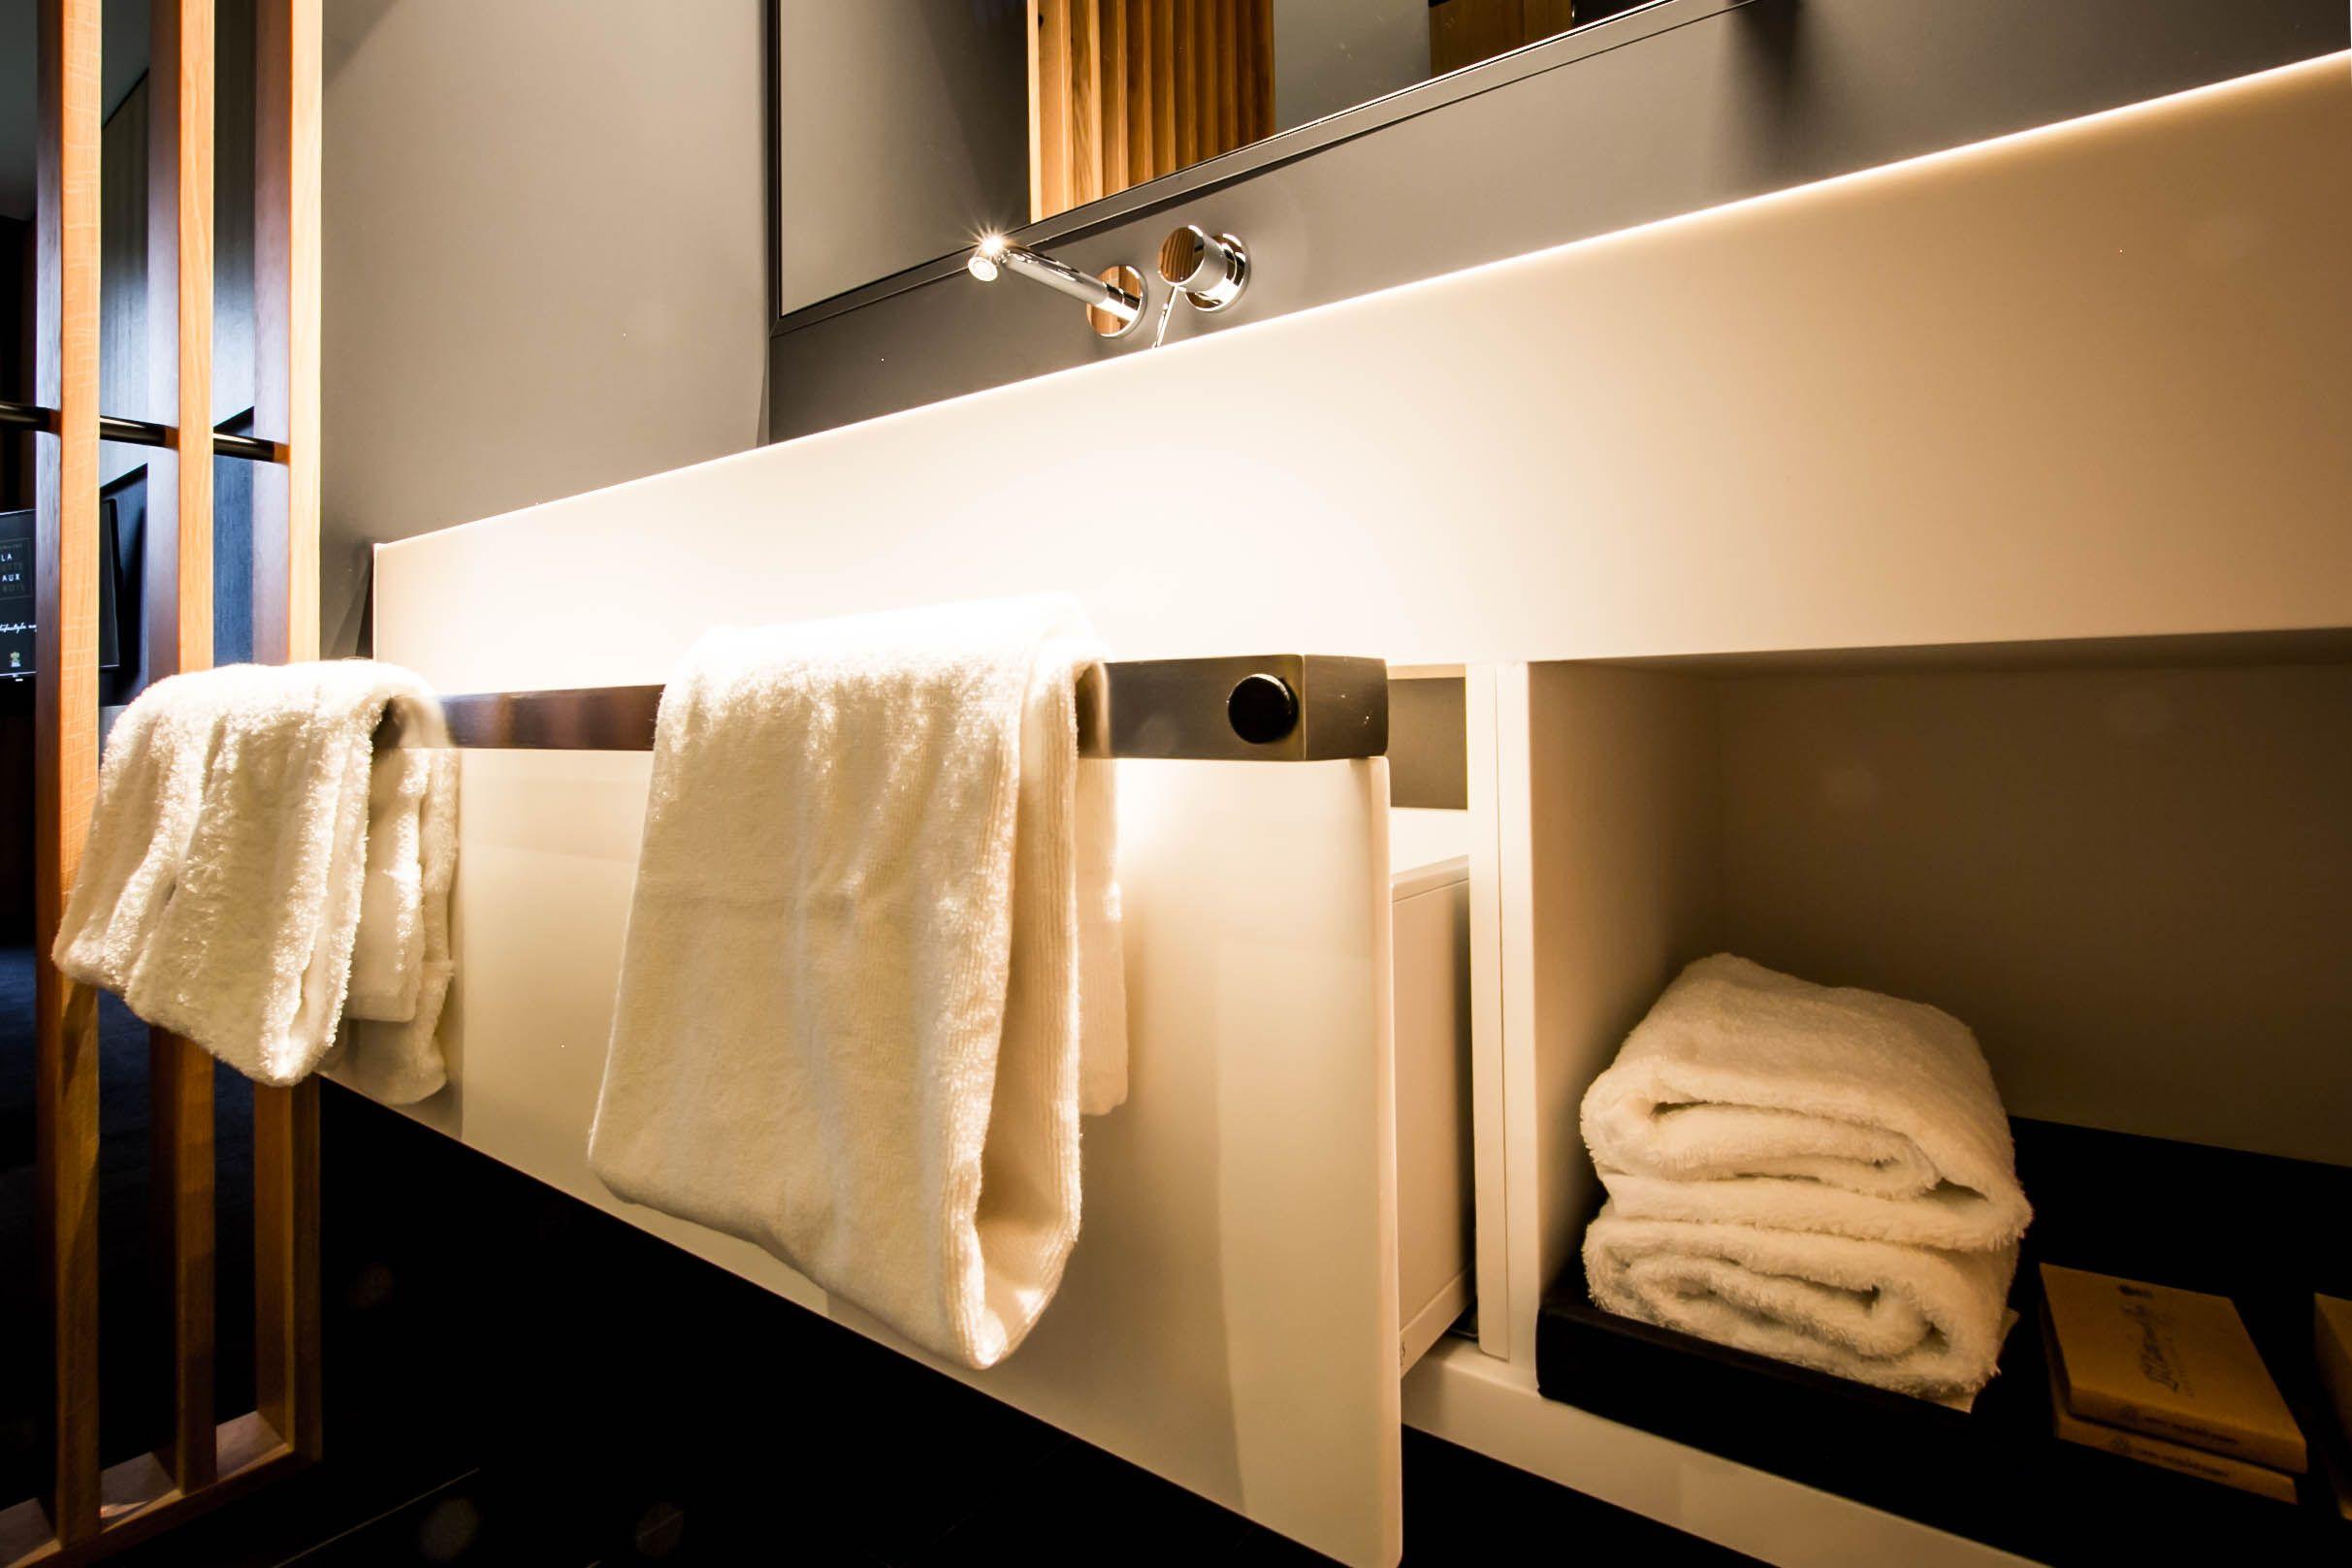 Inloopdouche Met Opzetwastafel : Moderne badkamer badkamermeubel met wastafel vervaardigd in solid